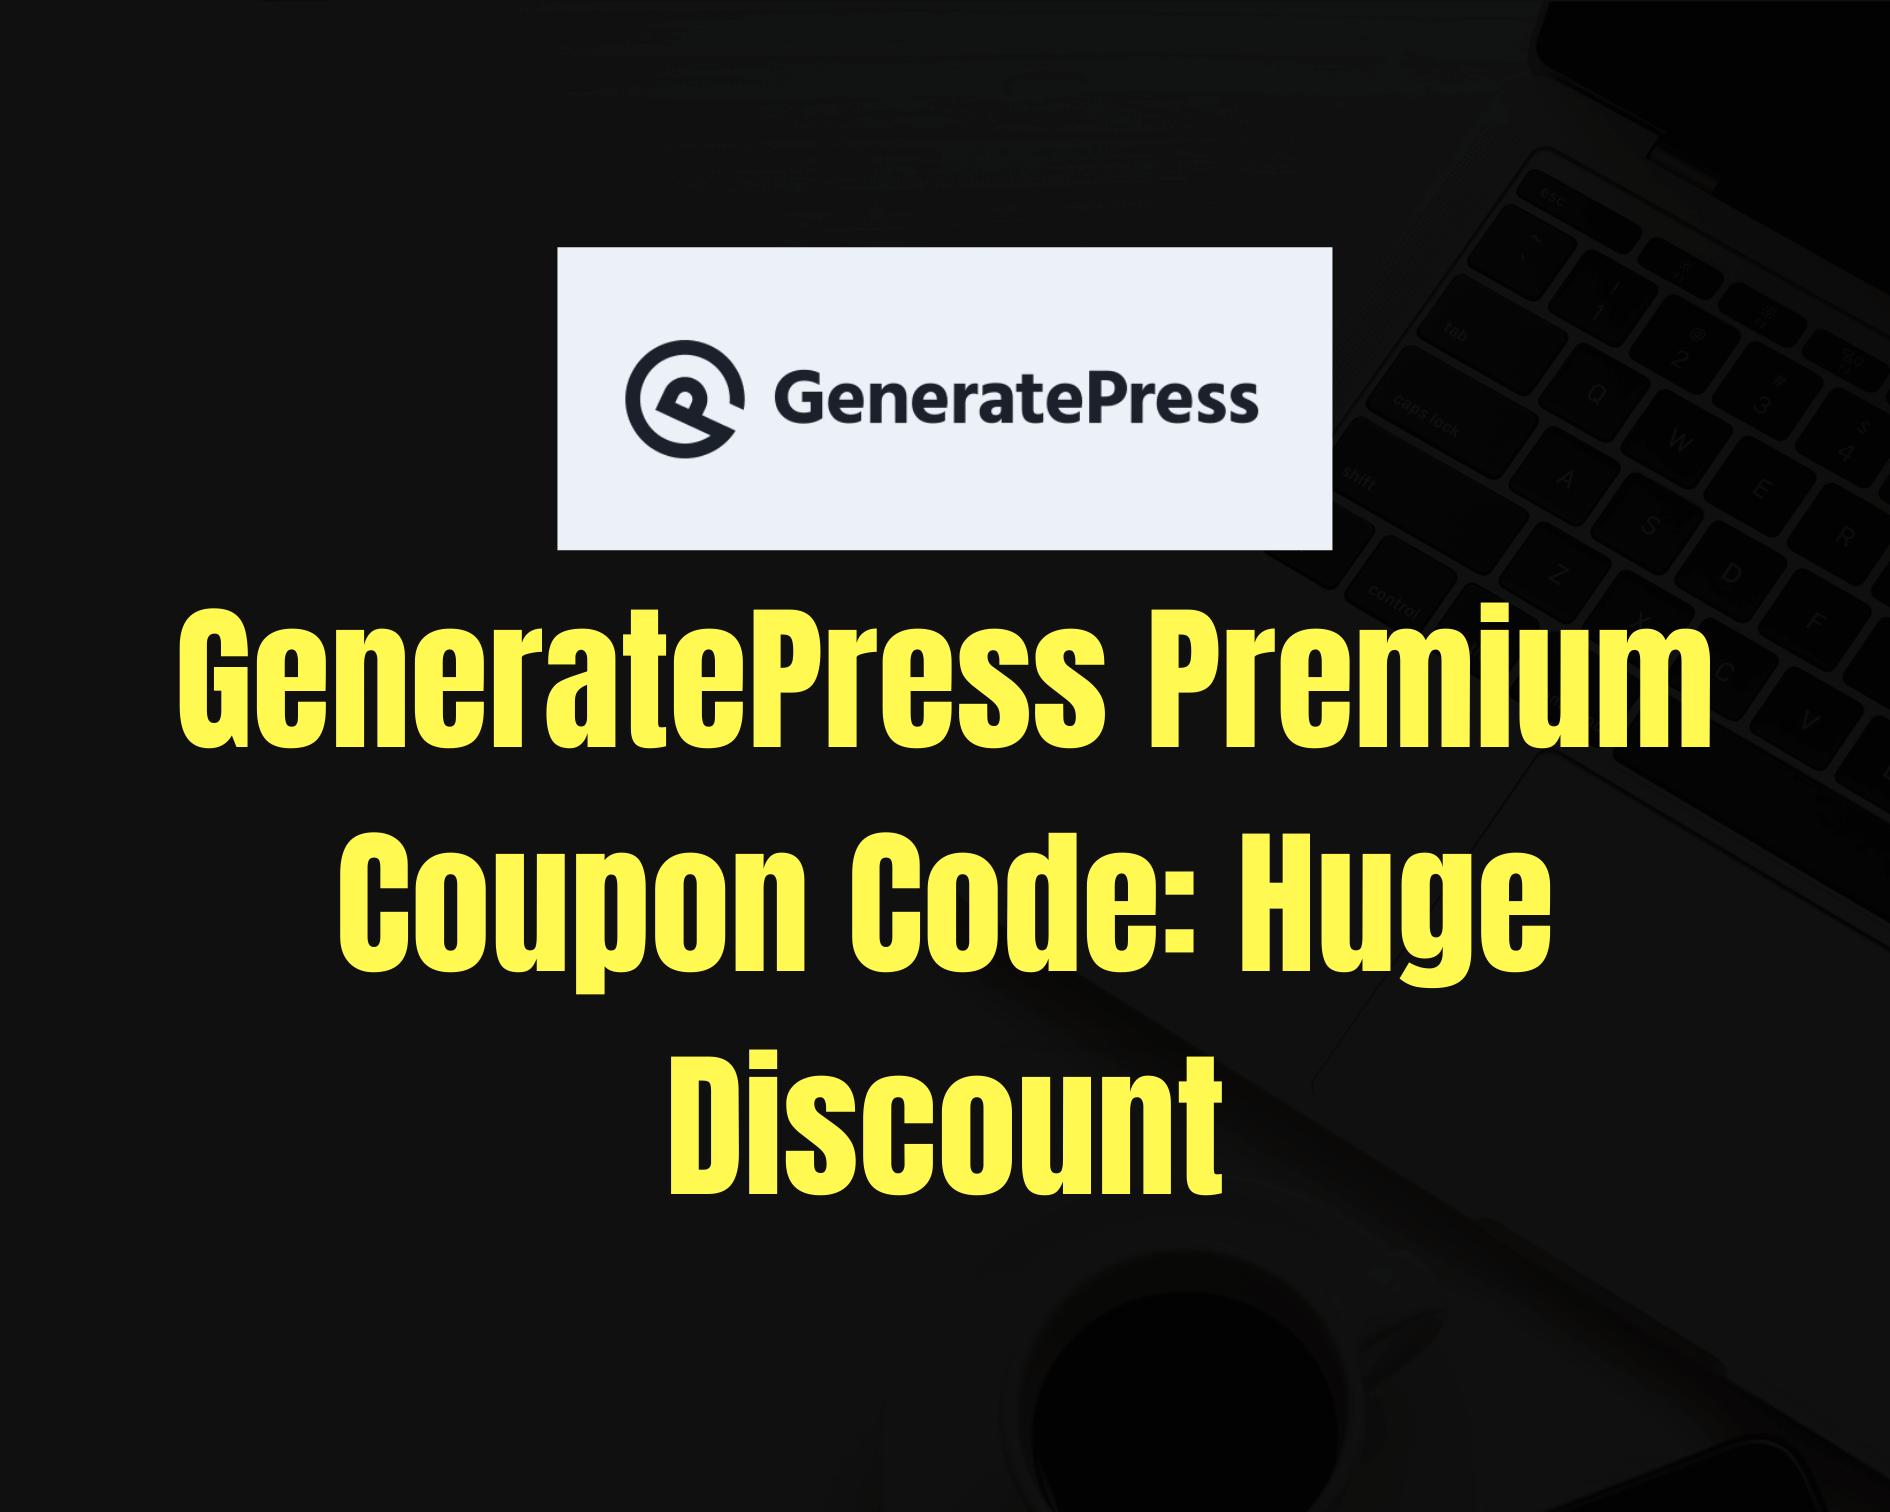 GeneratePress Premium Discount Code 2021: Grab Flat 10% OFF